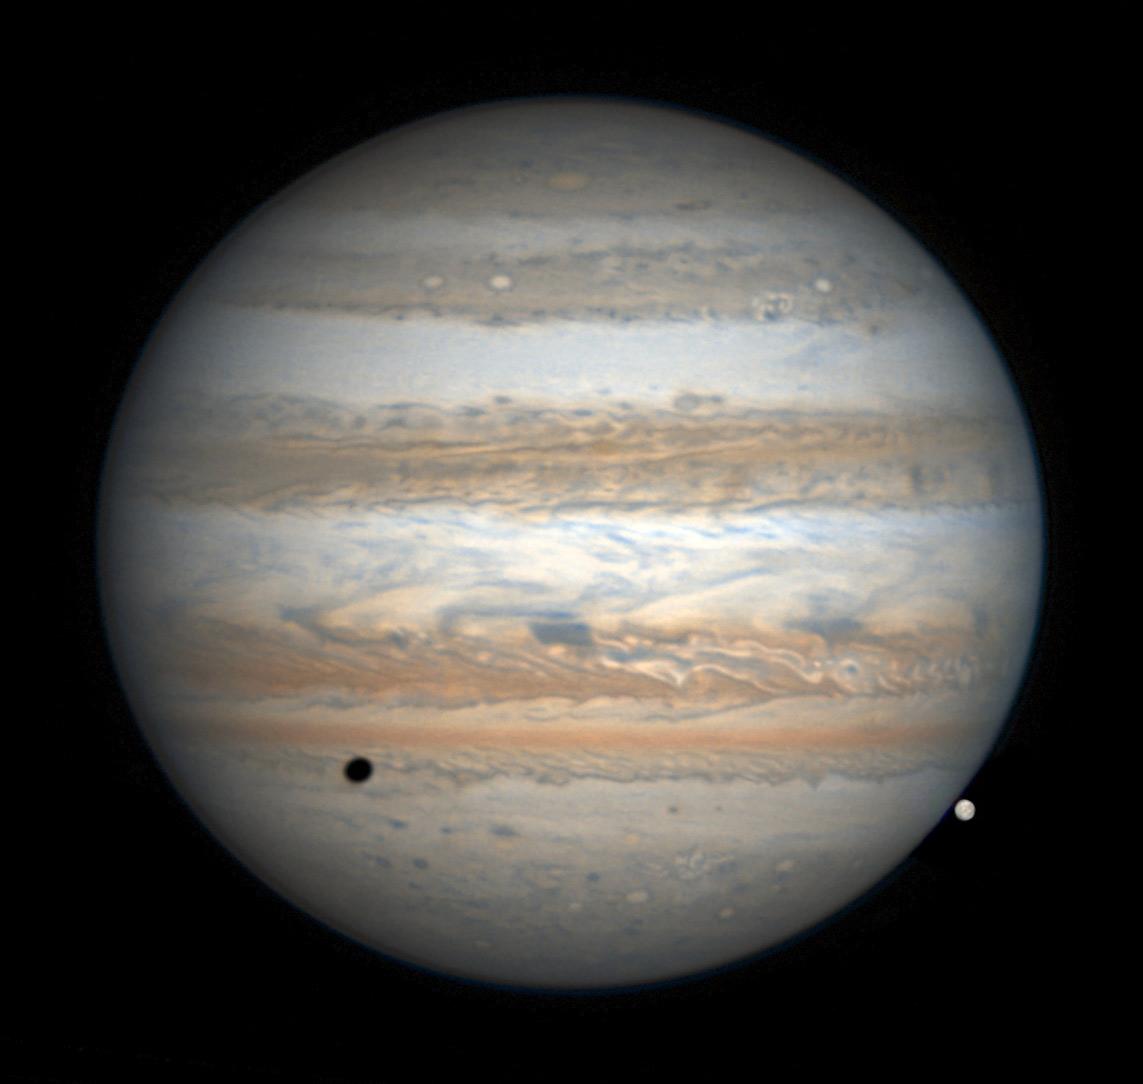 Jupiter on Feb. 19, 2017